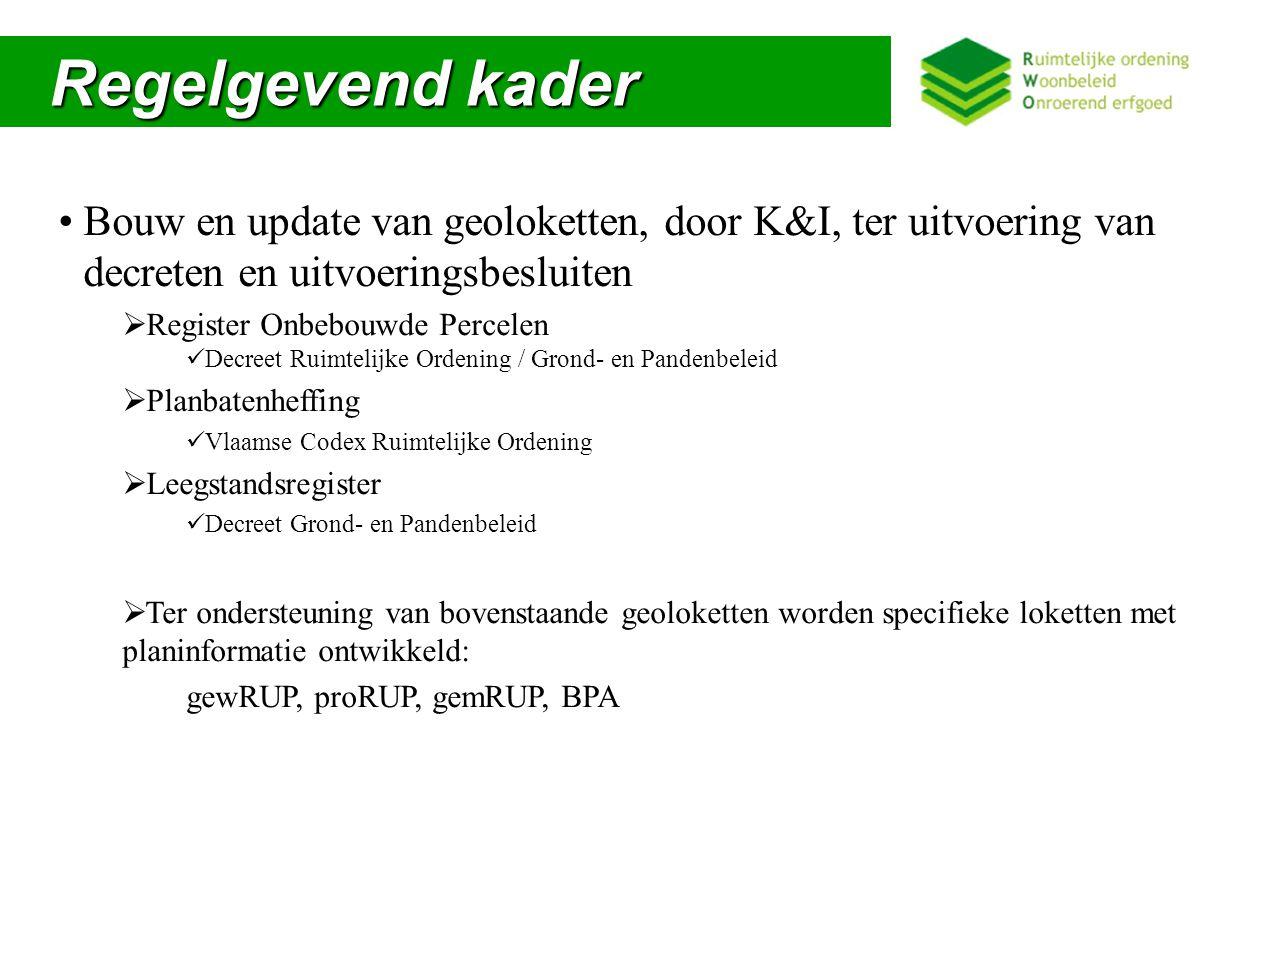 Regelgevend kader Bouw en update van geoloketten, door K&I, ter uitvoering van decreten en uitvoeringsbesluiten.